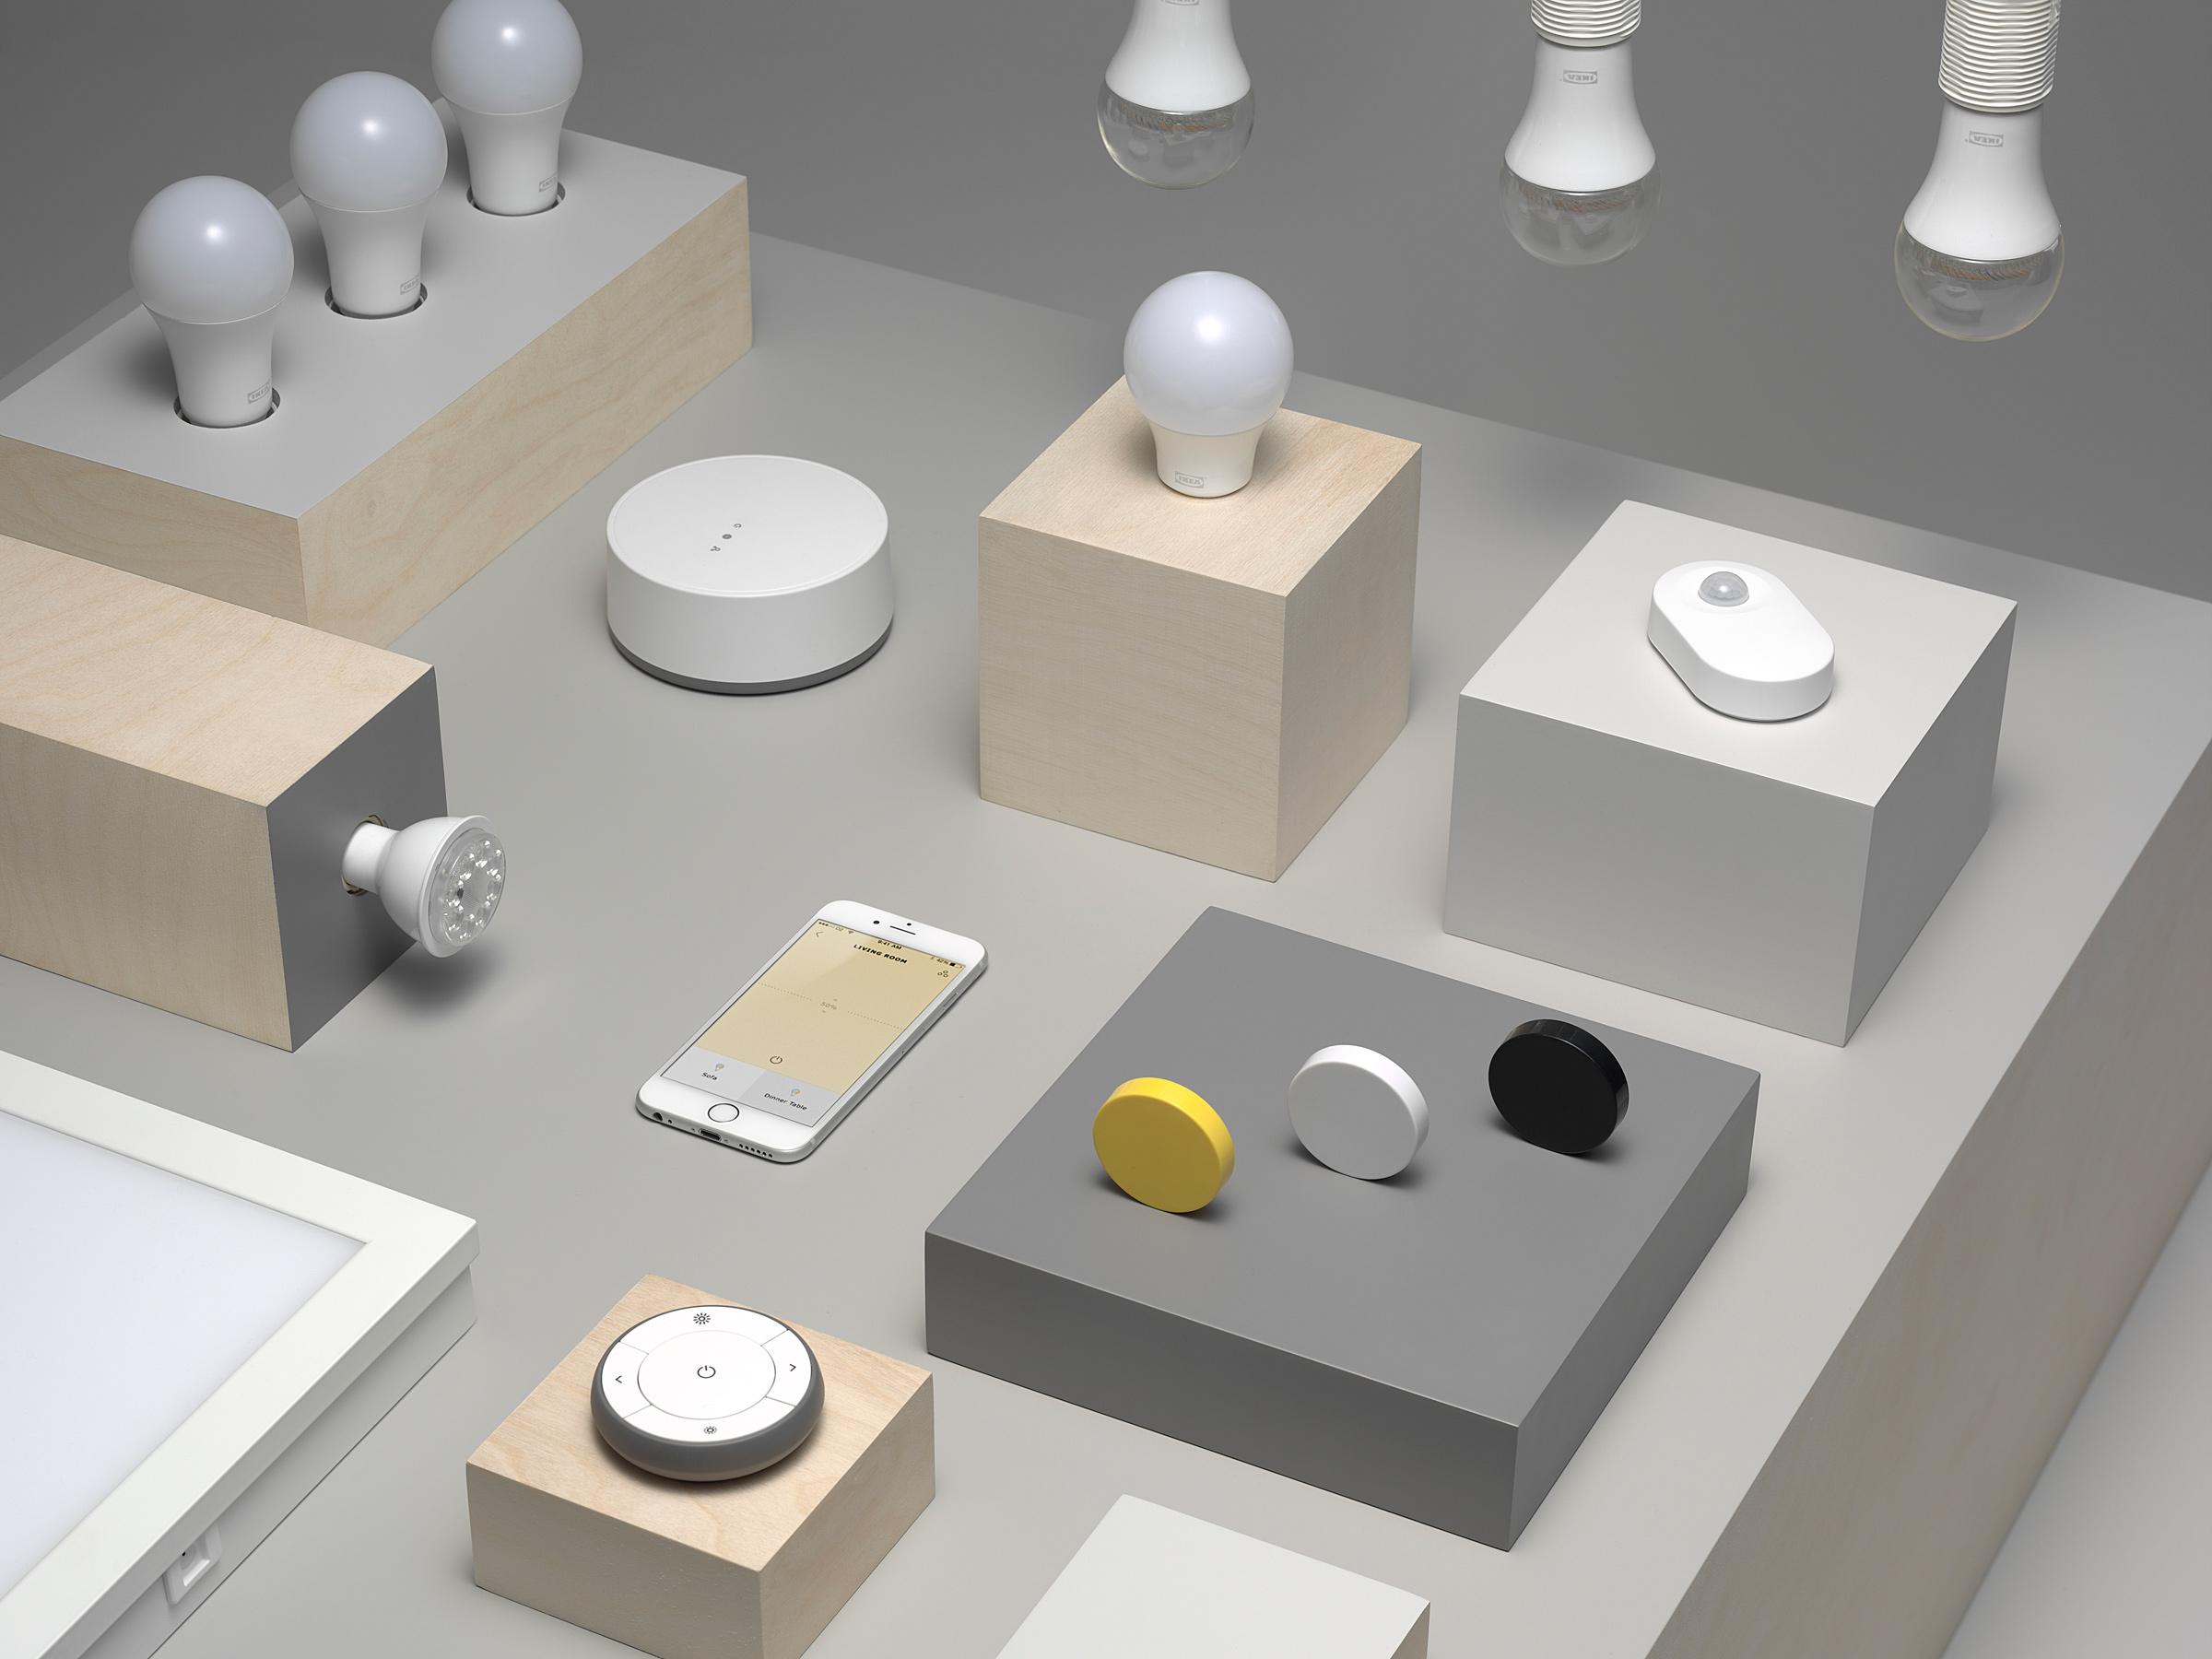 tendance ikea d mocratise la maison et les lampes connect es. Black Bedroom Furniture Sets. Home Design Ideas